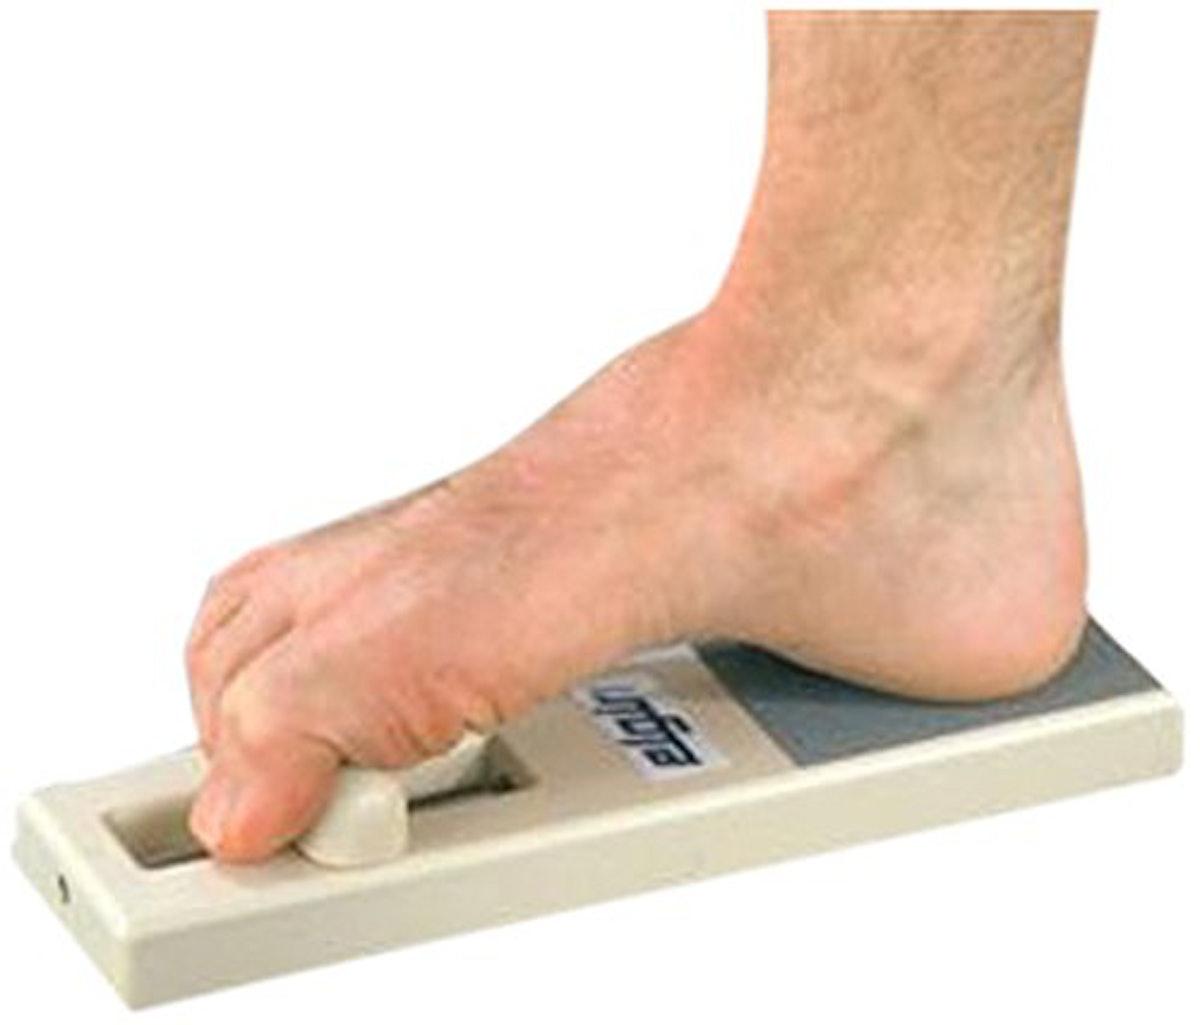 Elgin Foot Exerciser